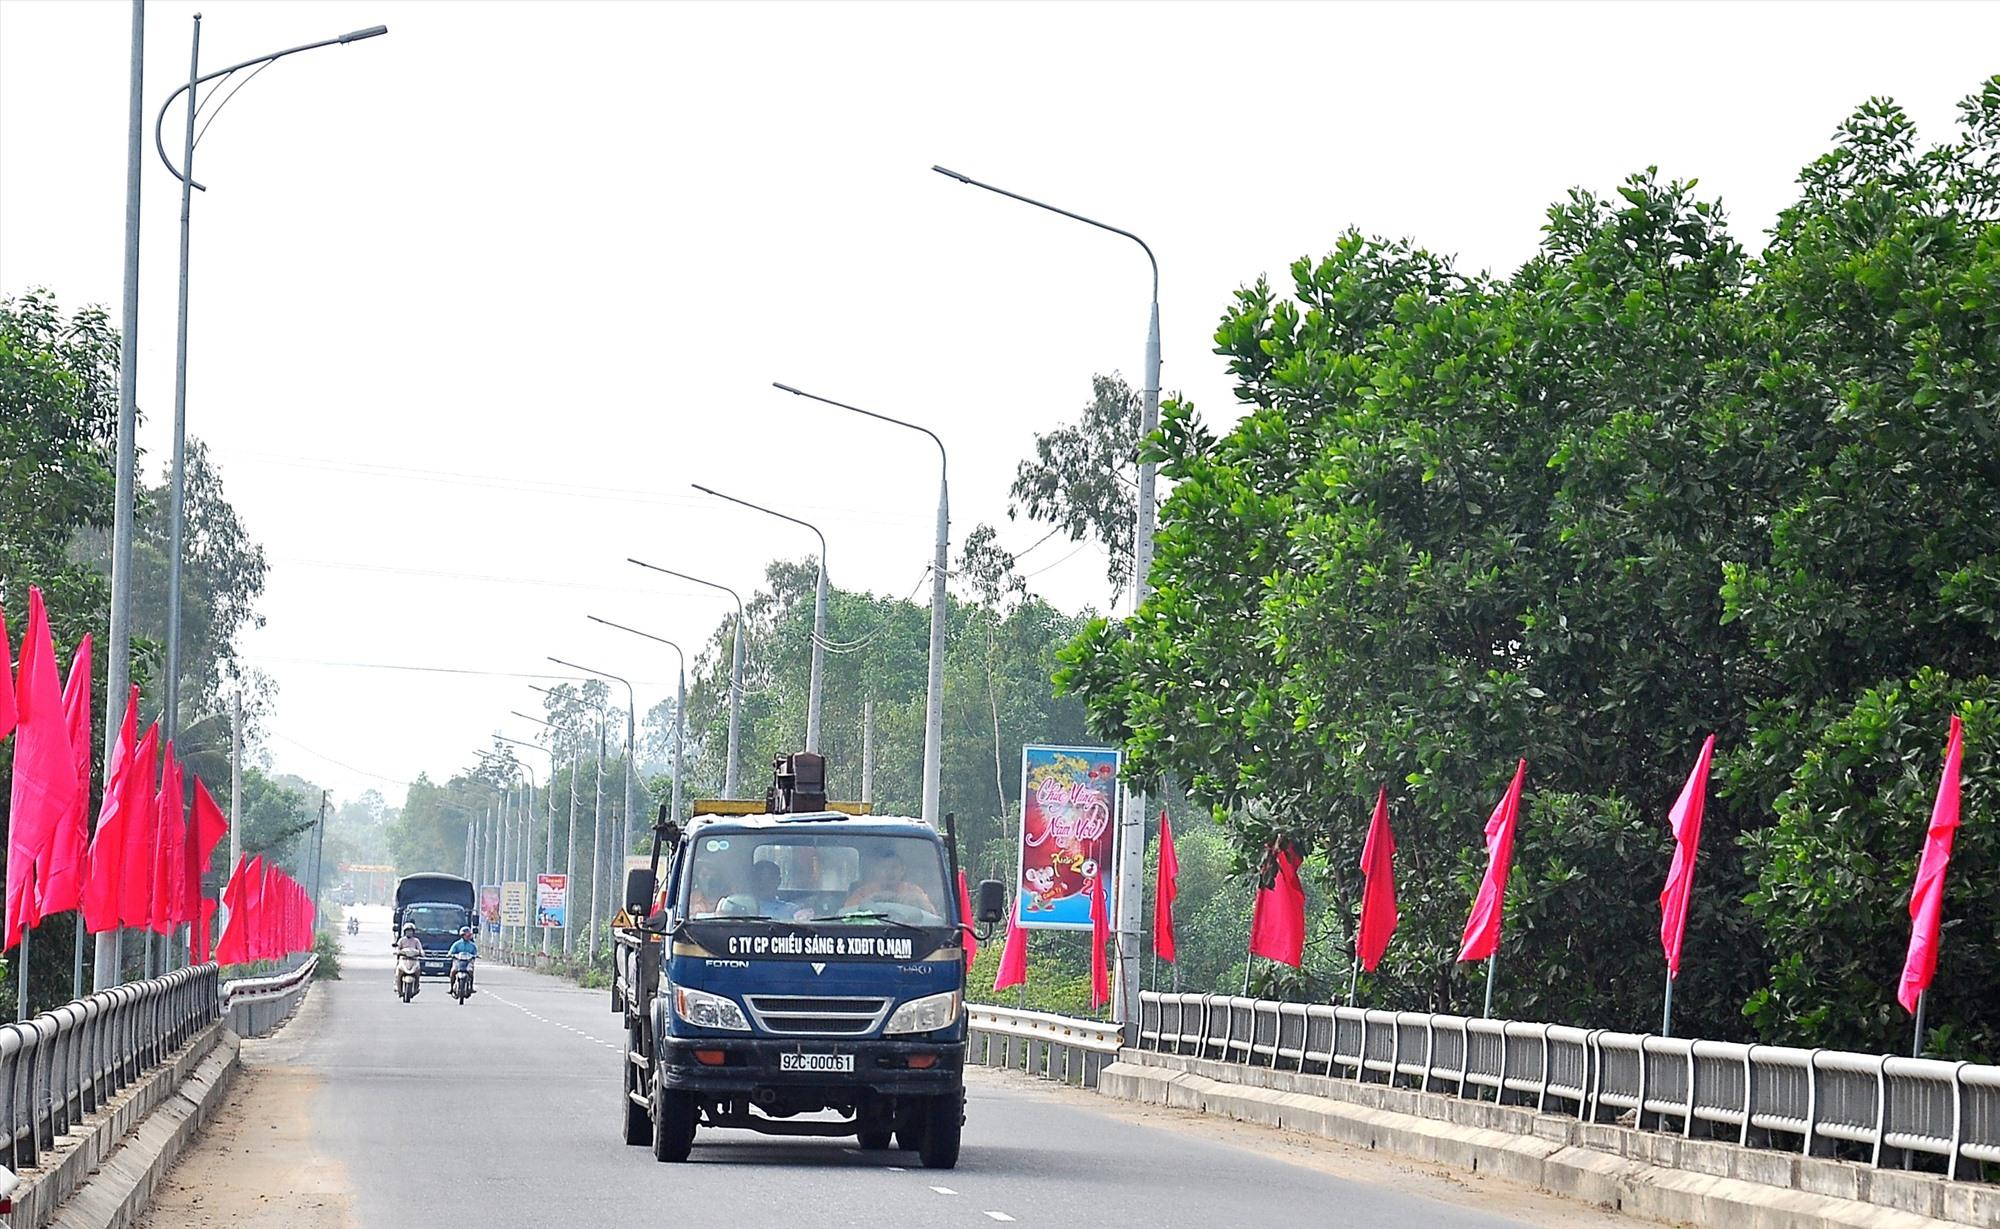 Hệ thống cơ sở hạ tầng, giao thông ngày càng được đầu tư khang trang tạo động lực phát triển kinh tế cho huyện Phú Ninh. Ảnh: VINH ANH